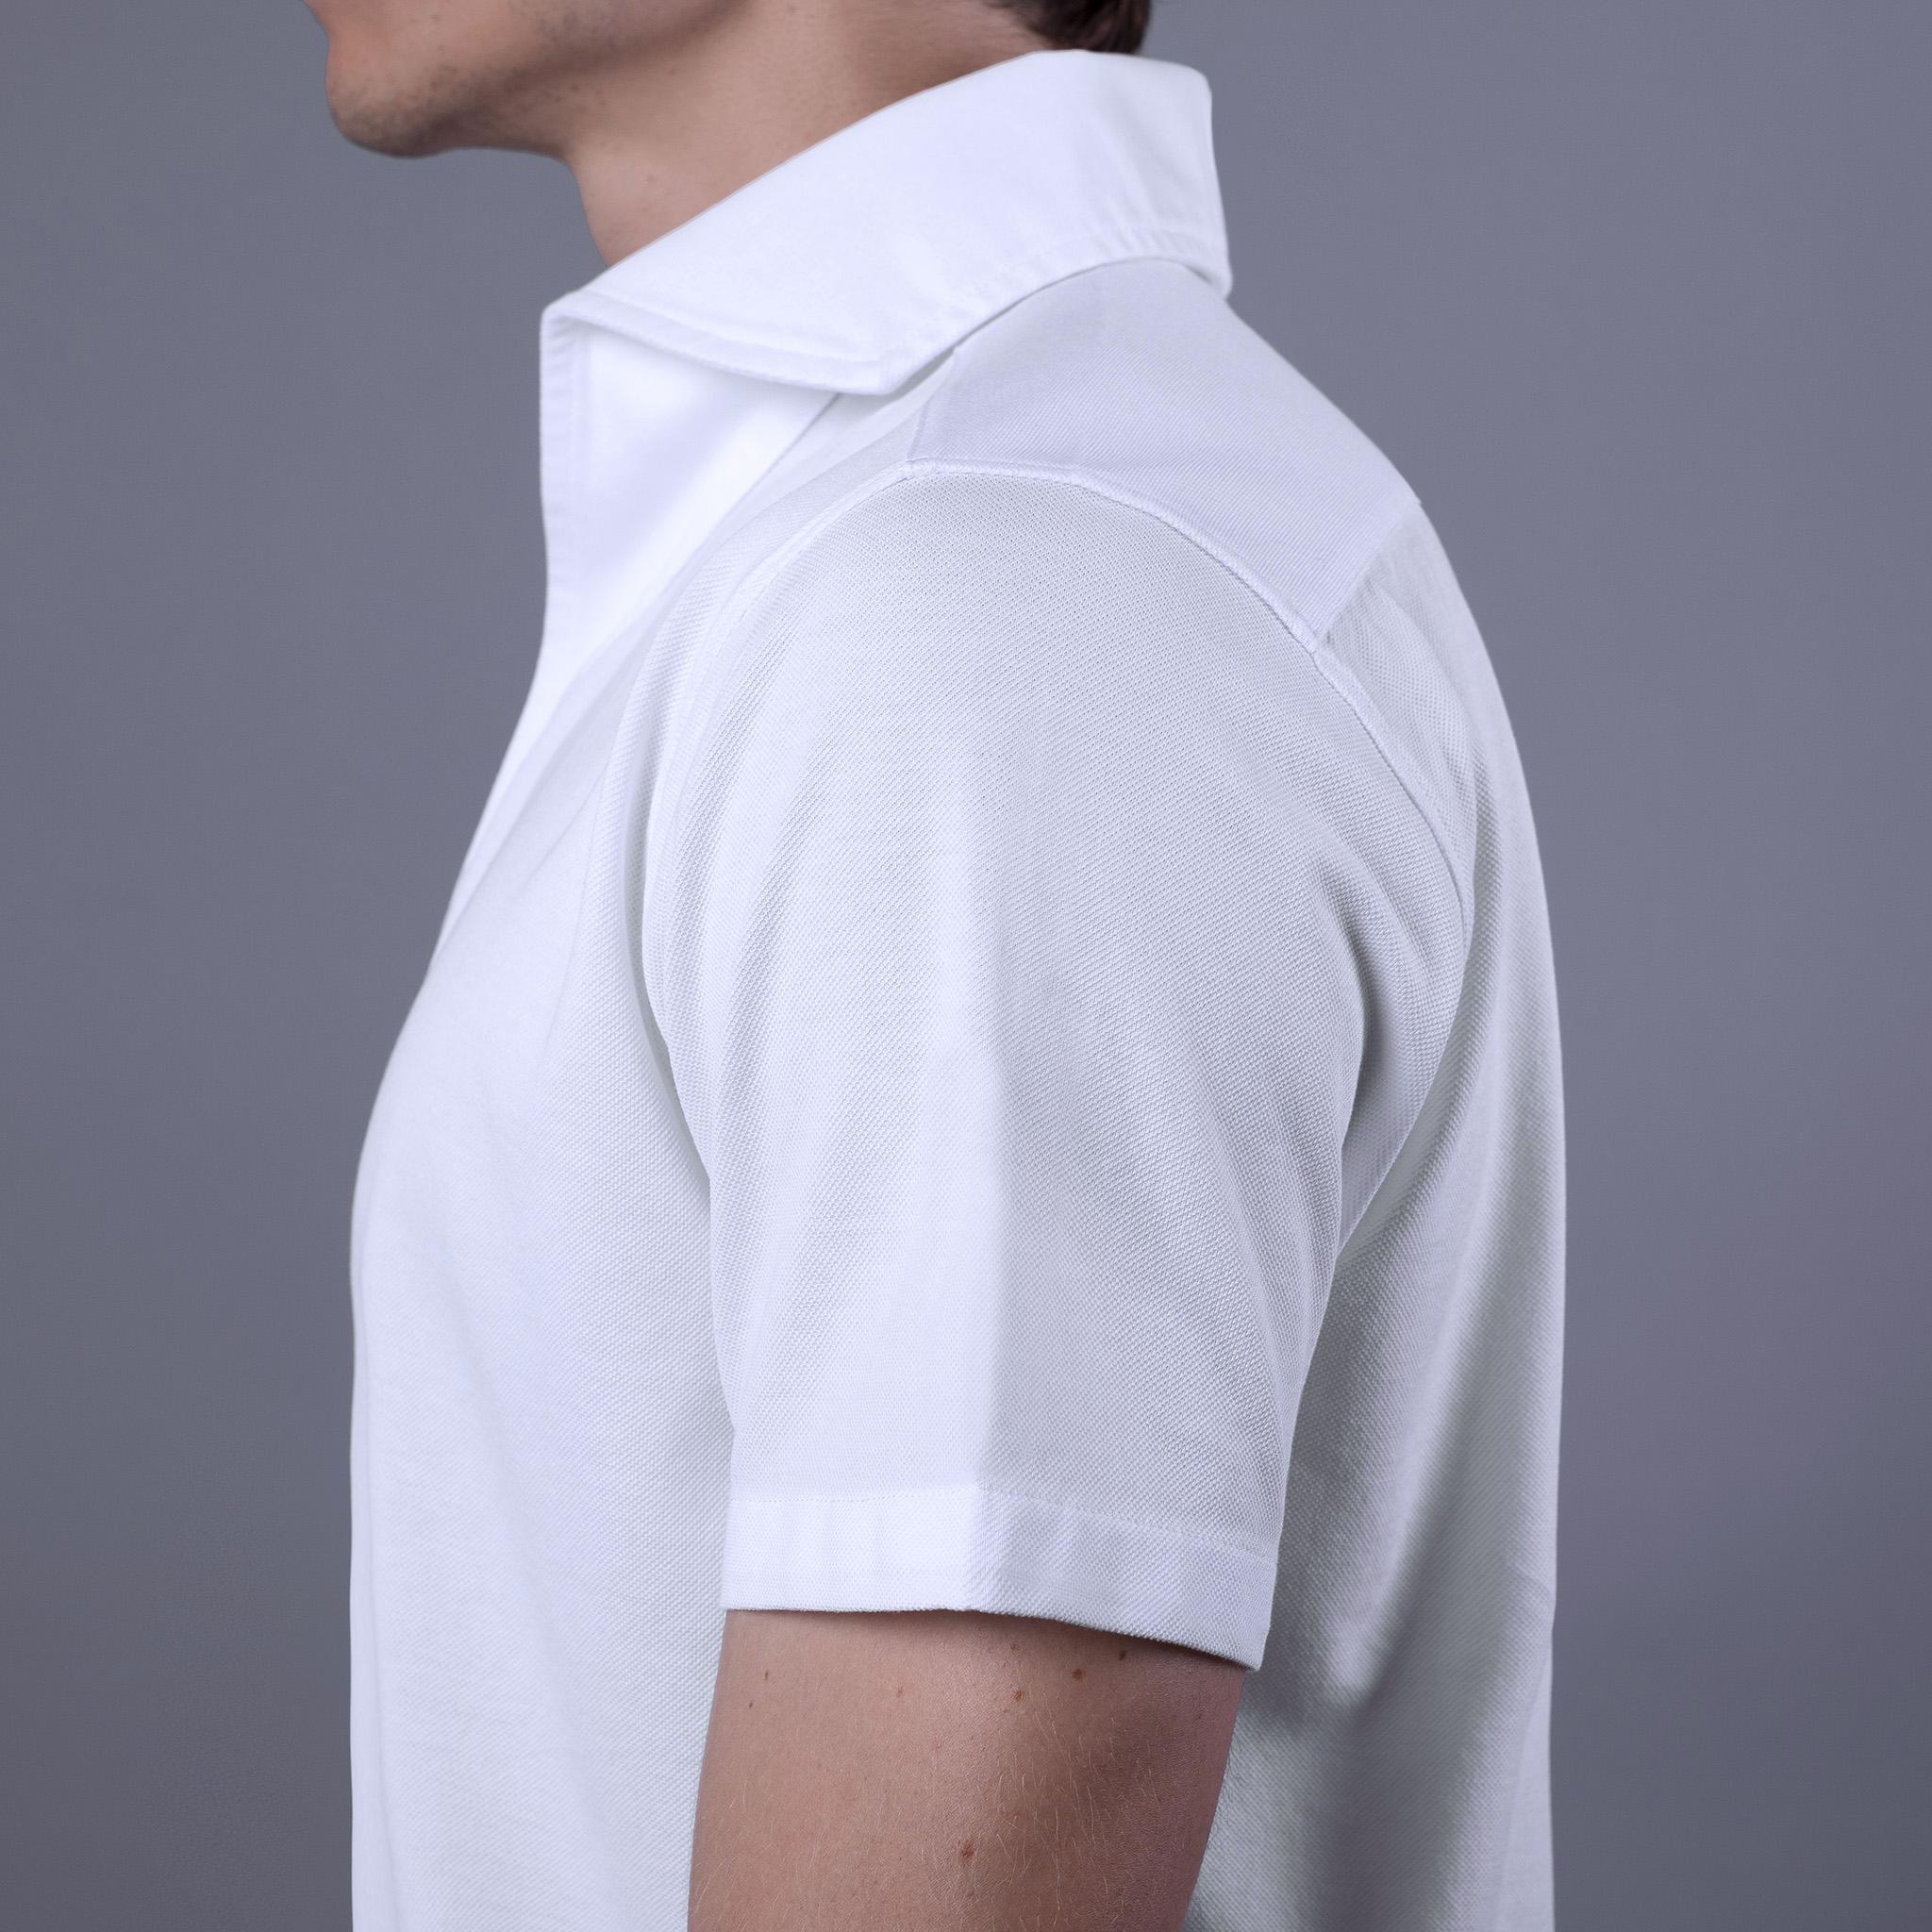 POLO Short Sleeve · 0645 The Seëlk 8